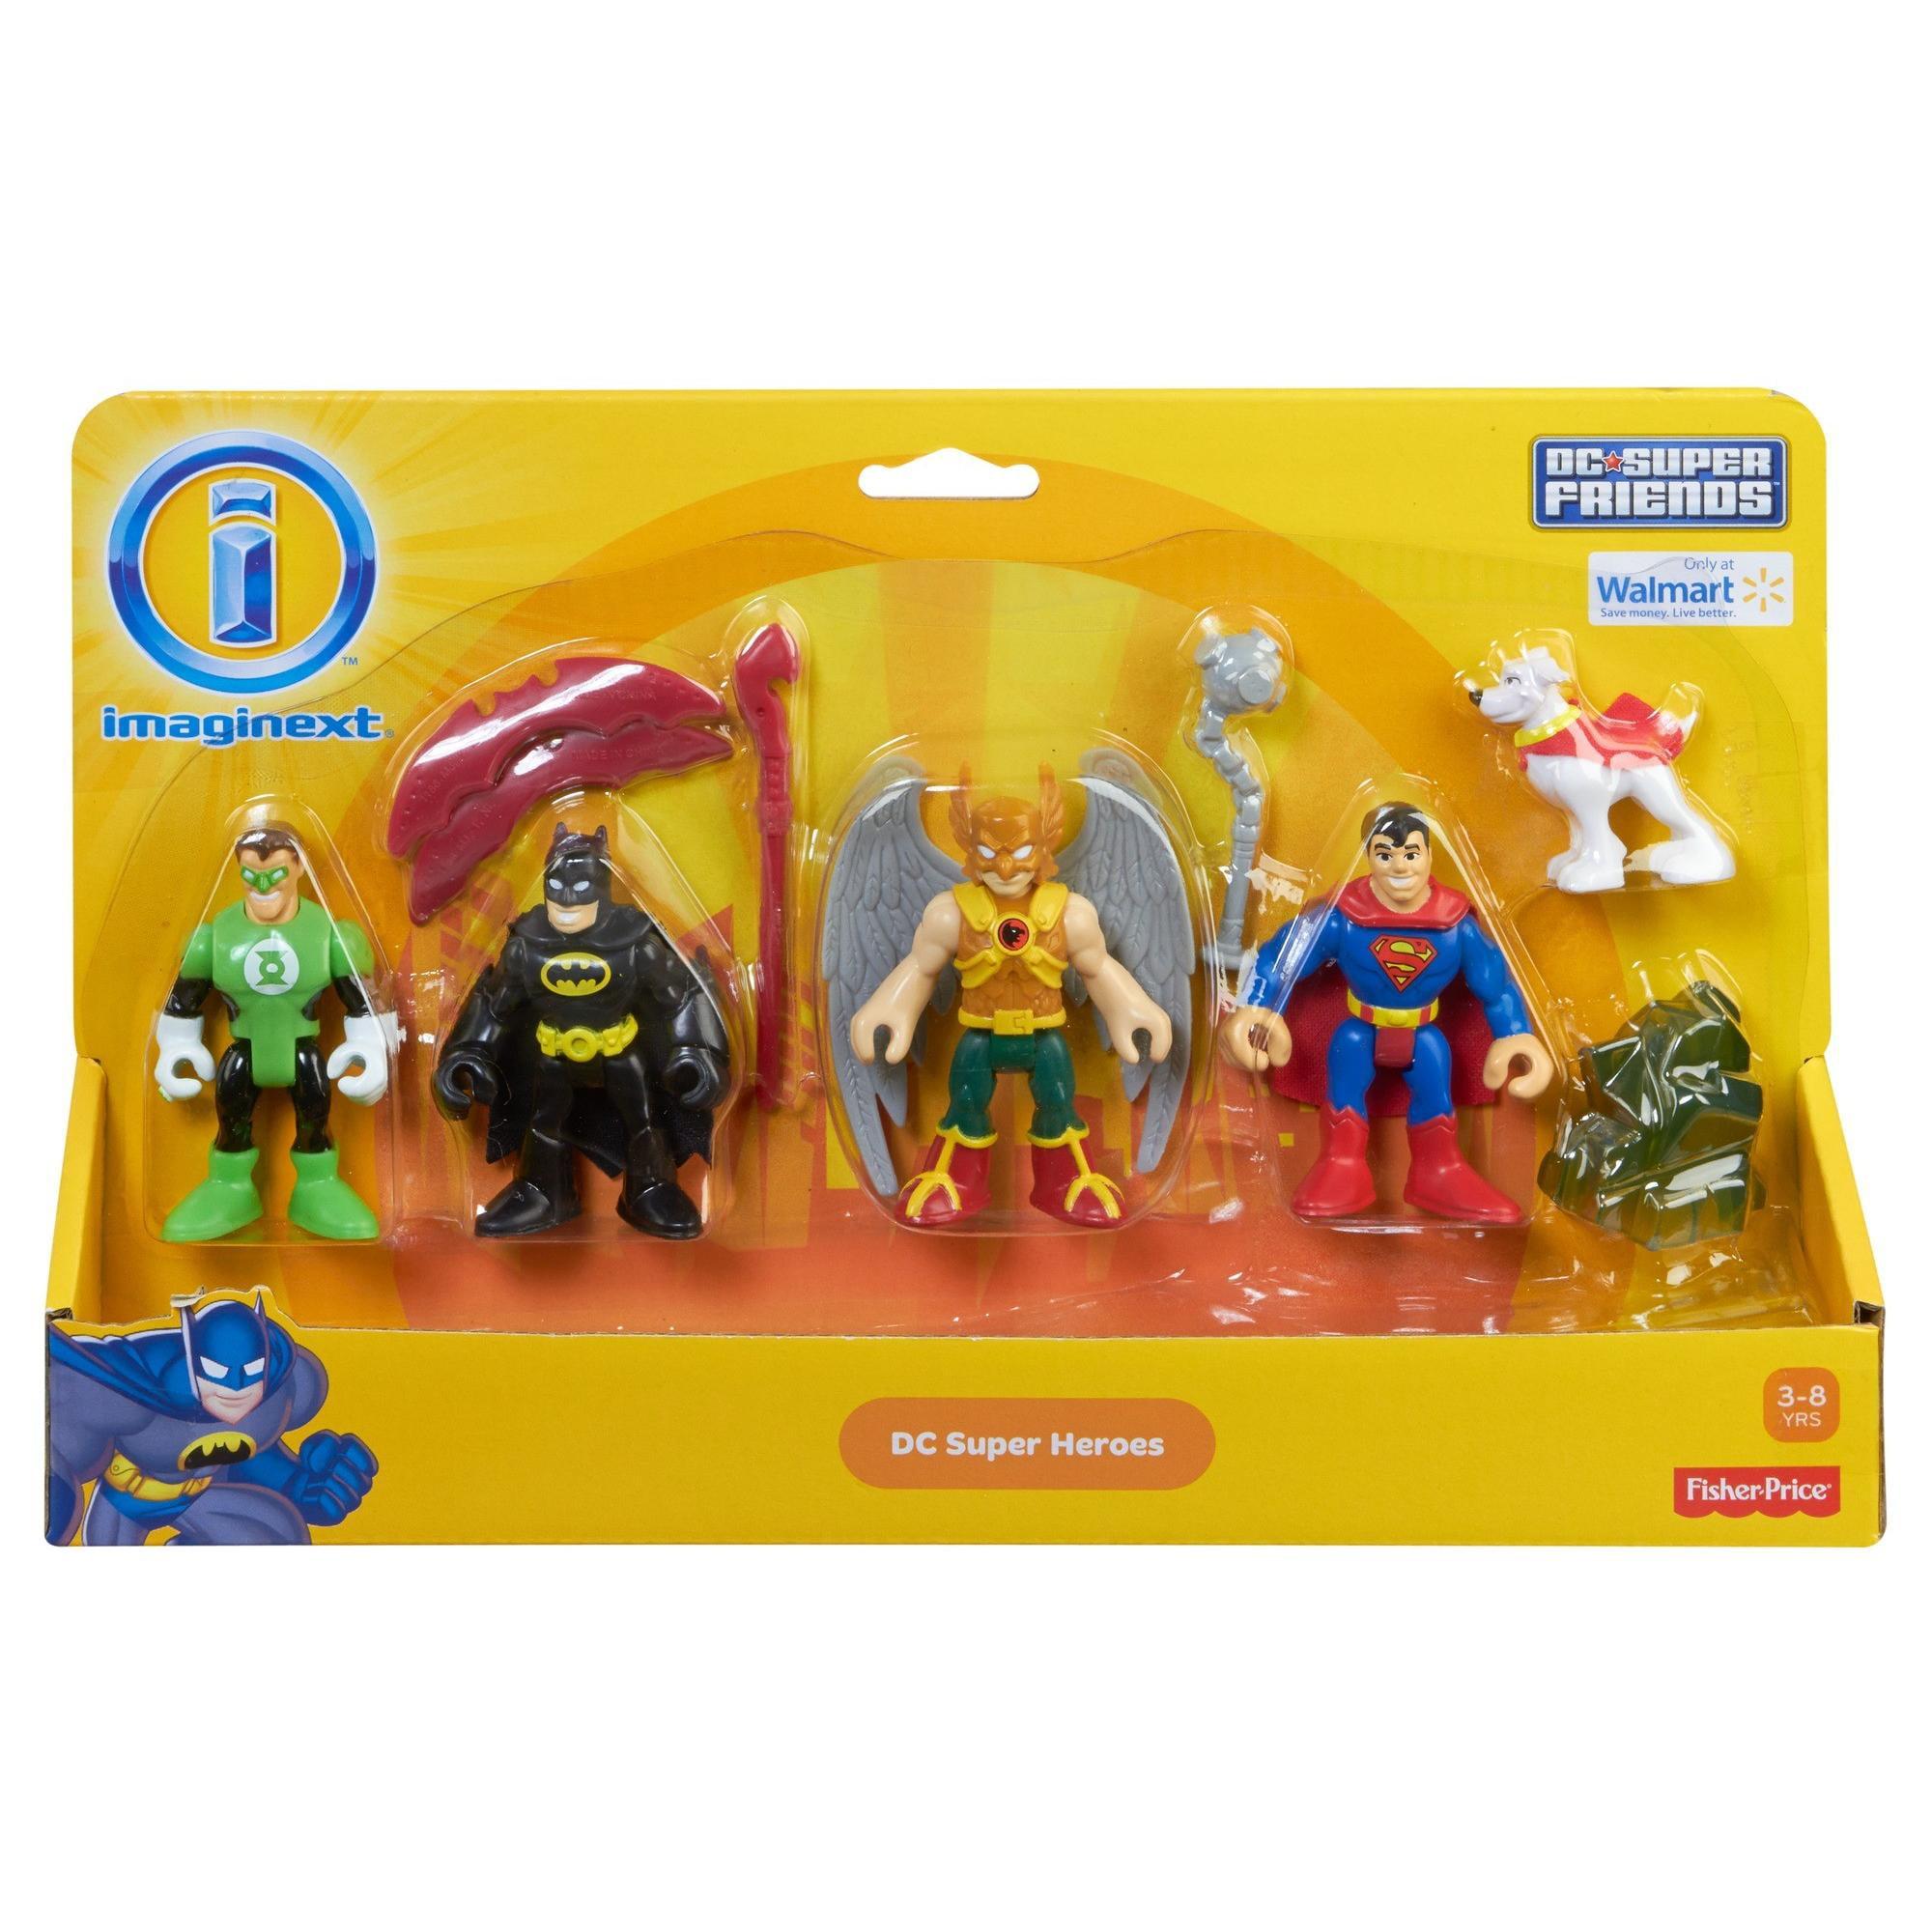 imaginext  Imaginext DC Super Friends Heroes Action Figures Play Set -